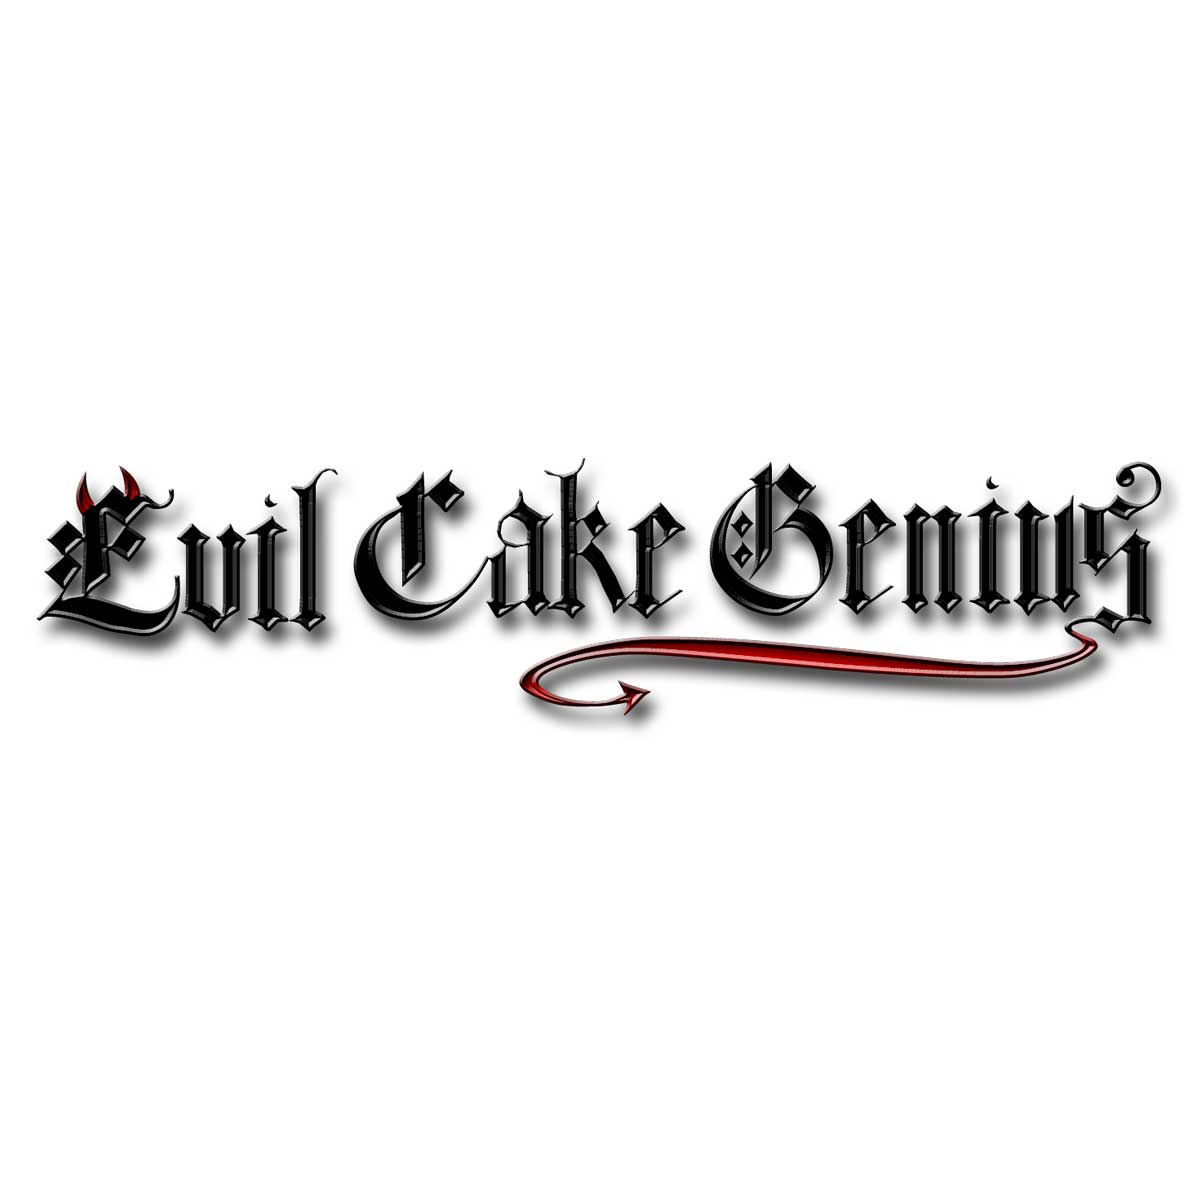 Alencon Lace Traditional Stencil Evil Cake Genius